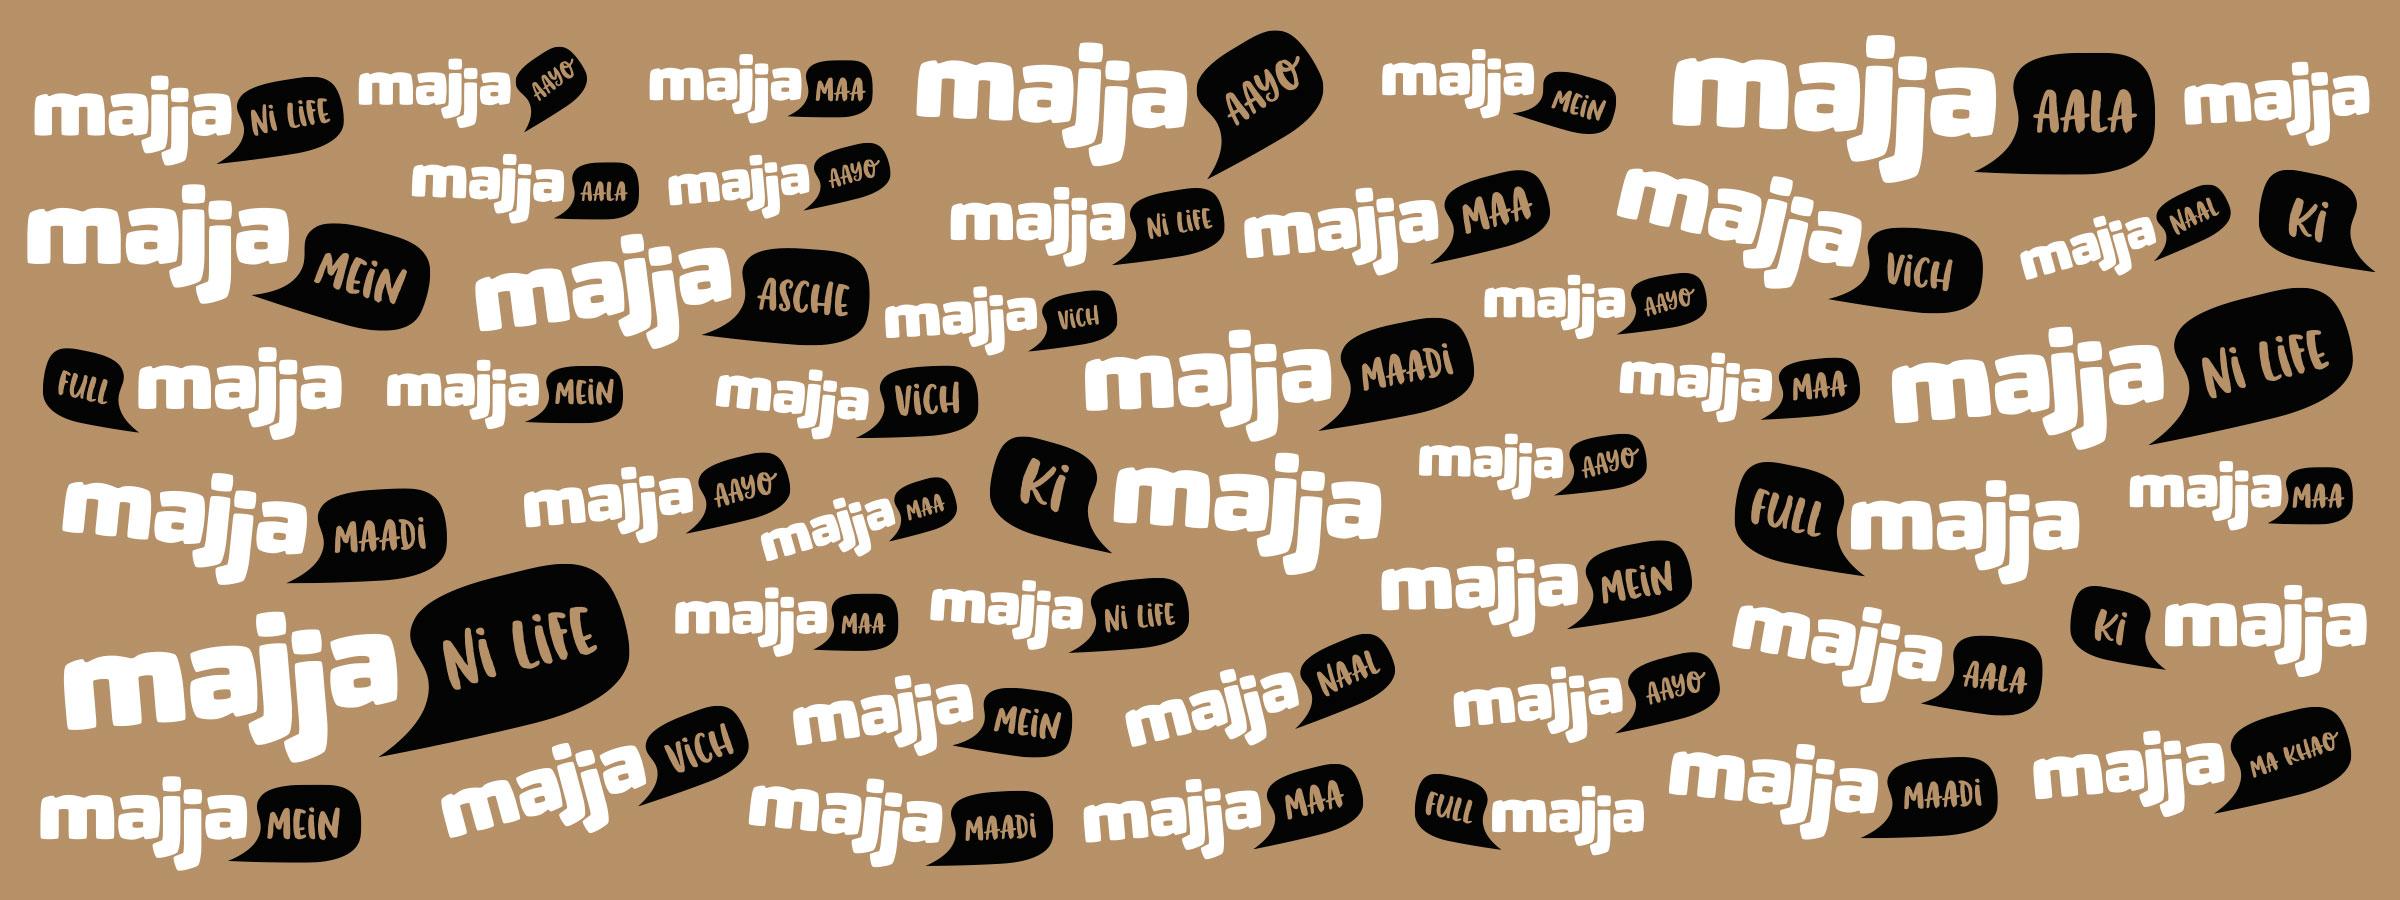 Majja-language-pattern